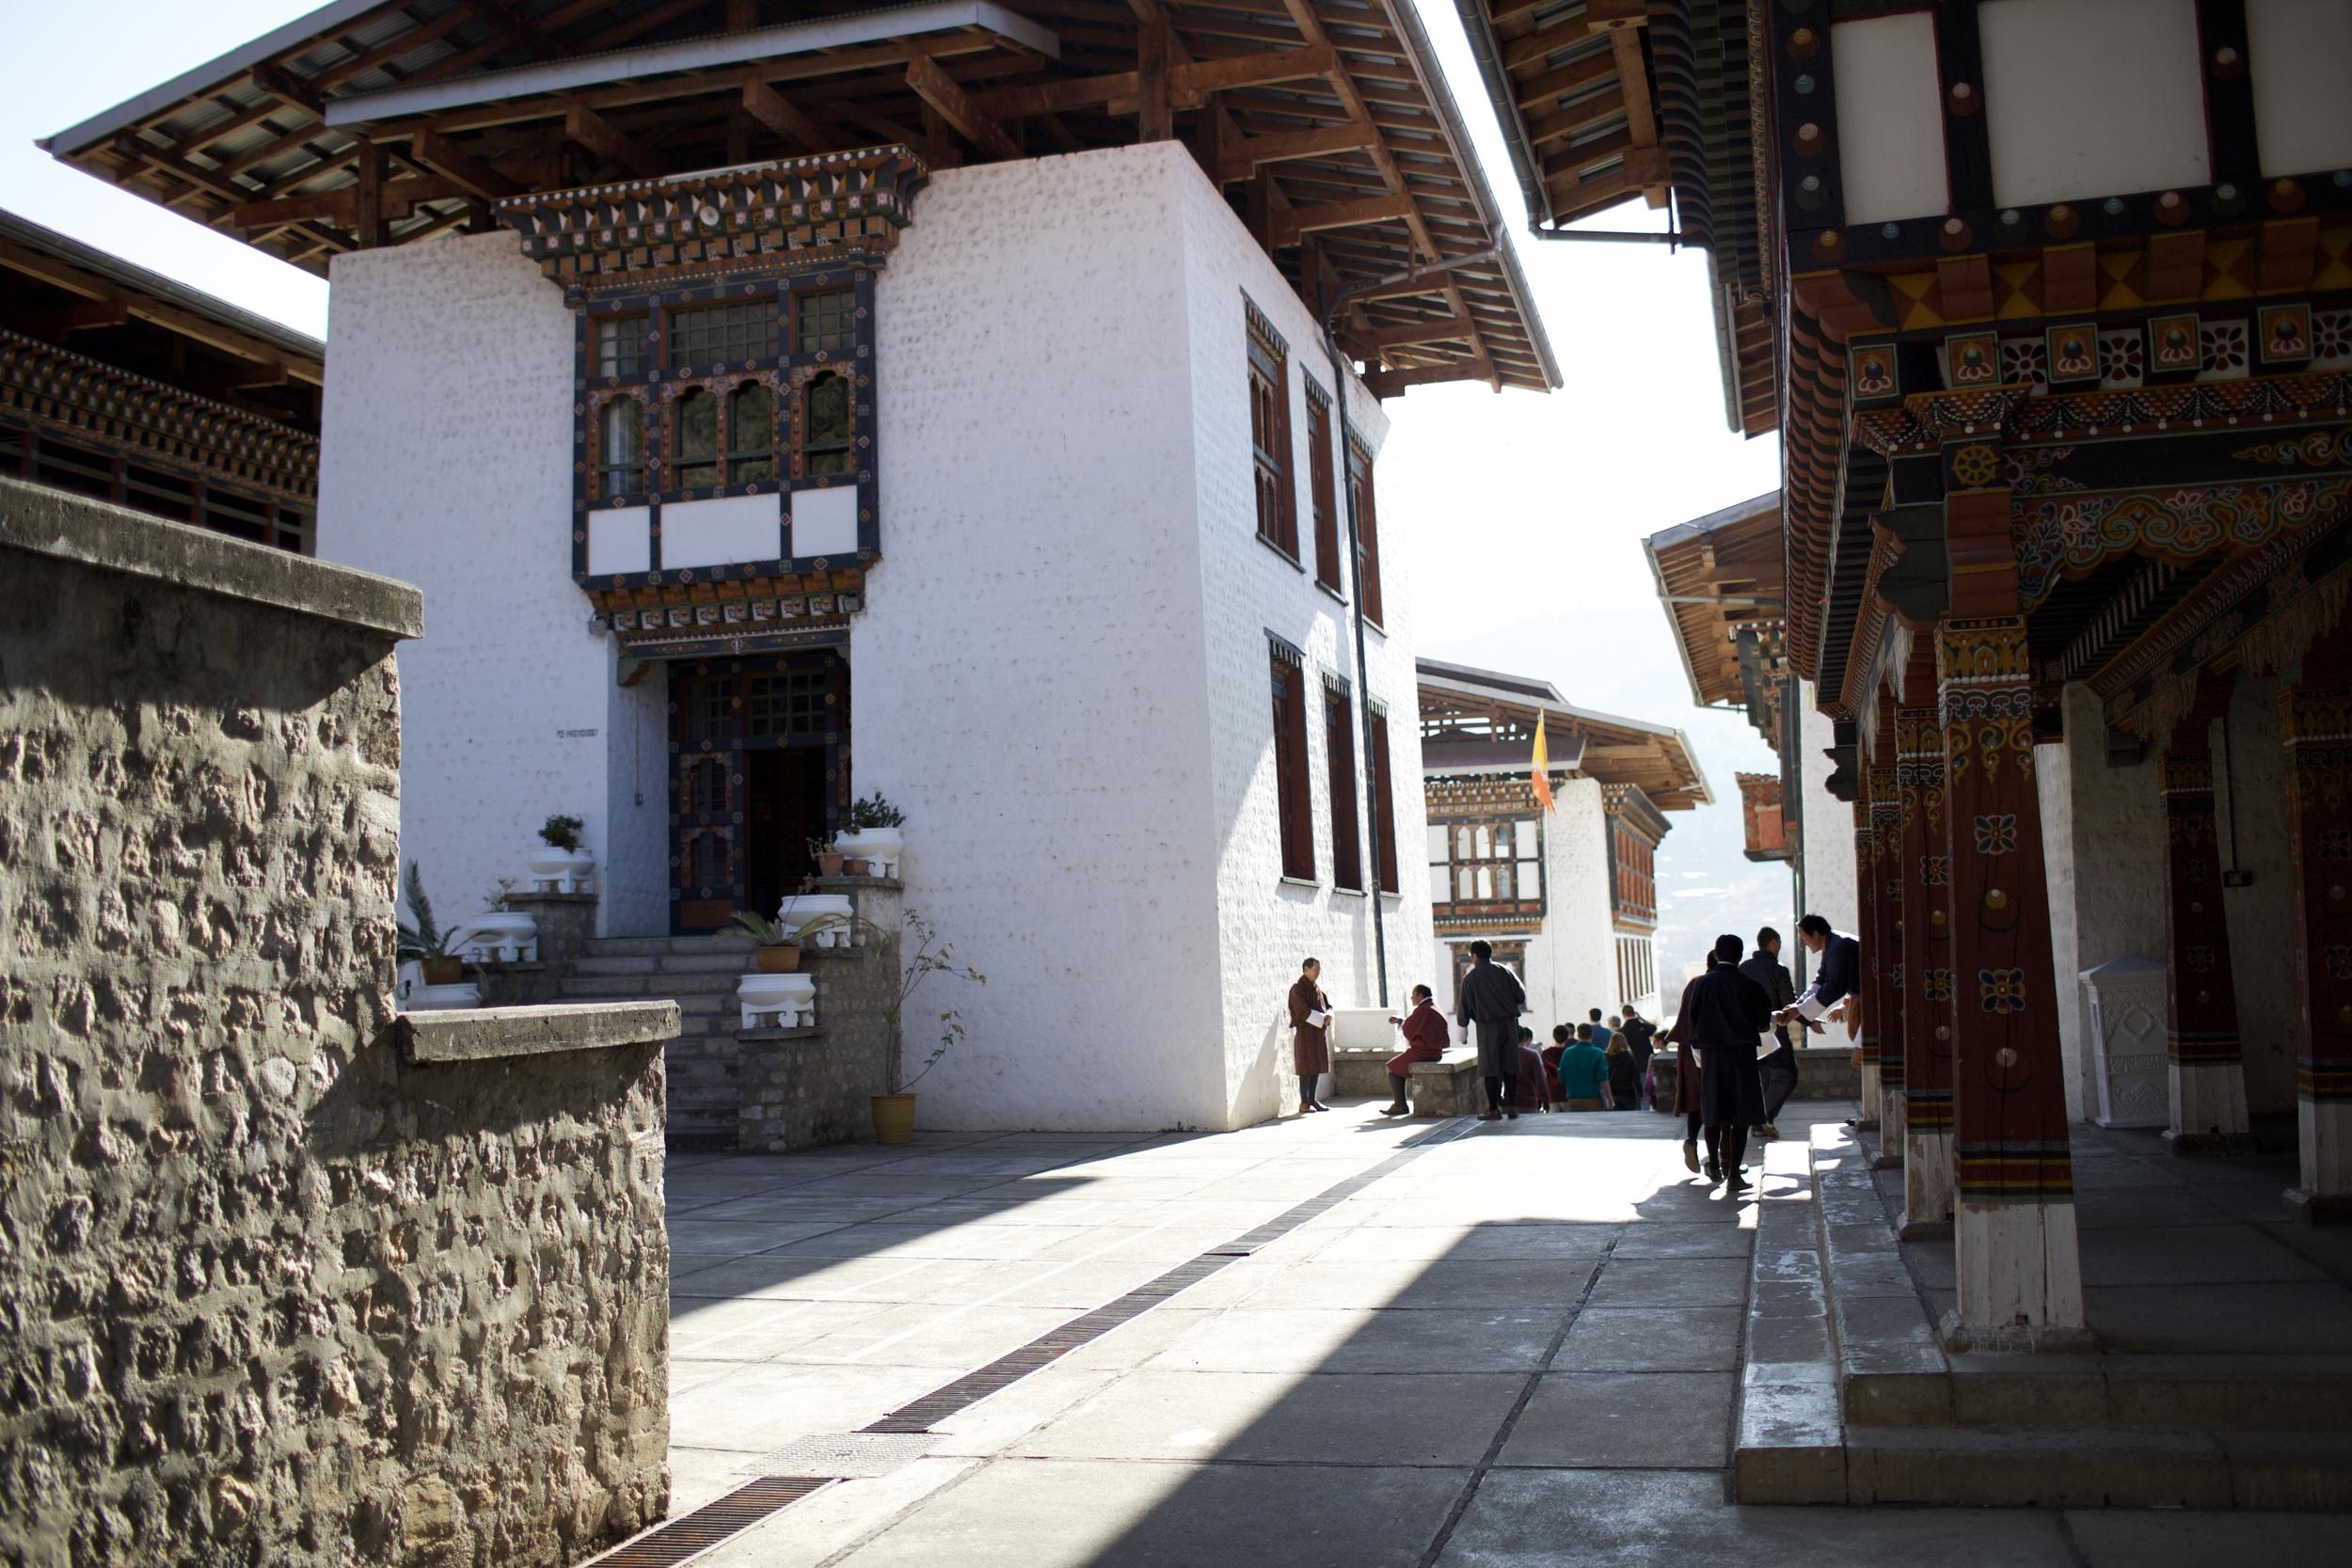 Paro College of Education, Bhutan ©Jacquelyn Poussot